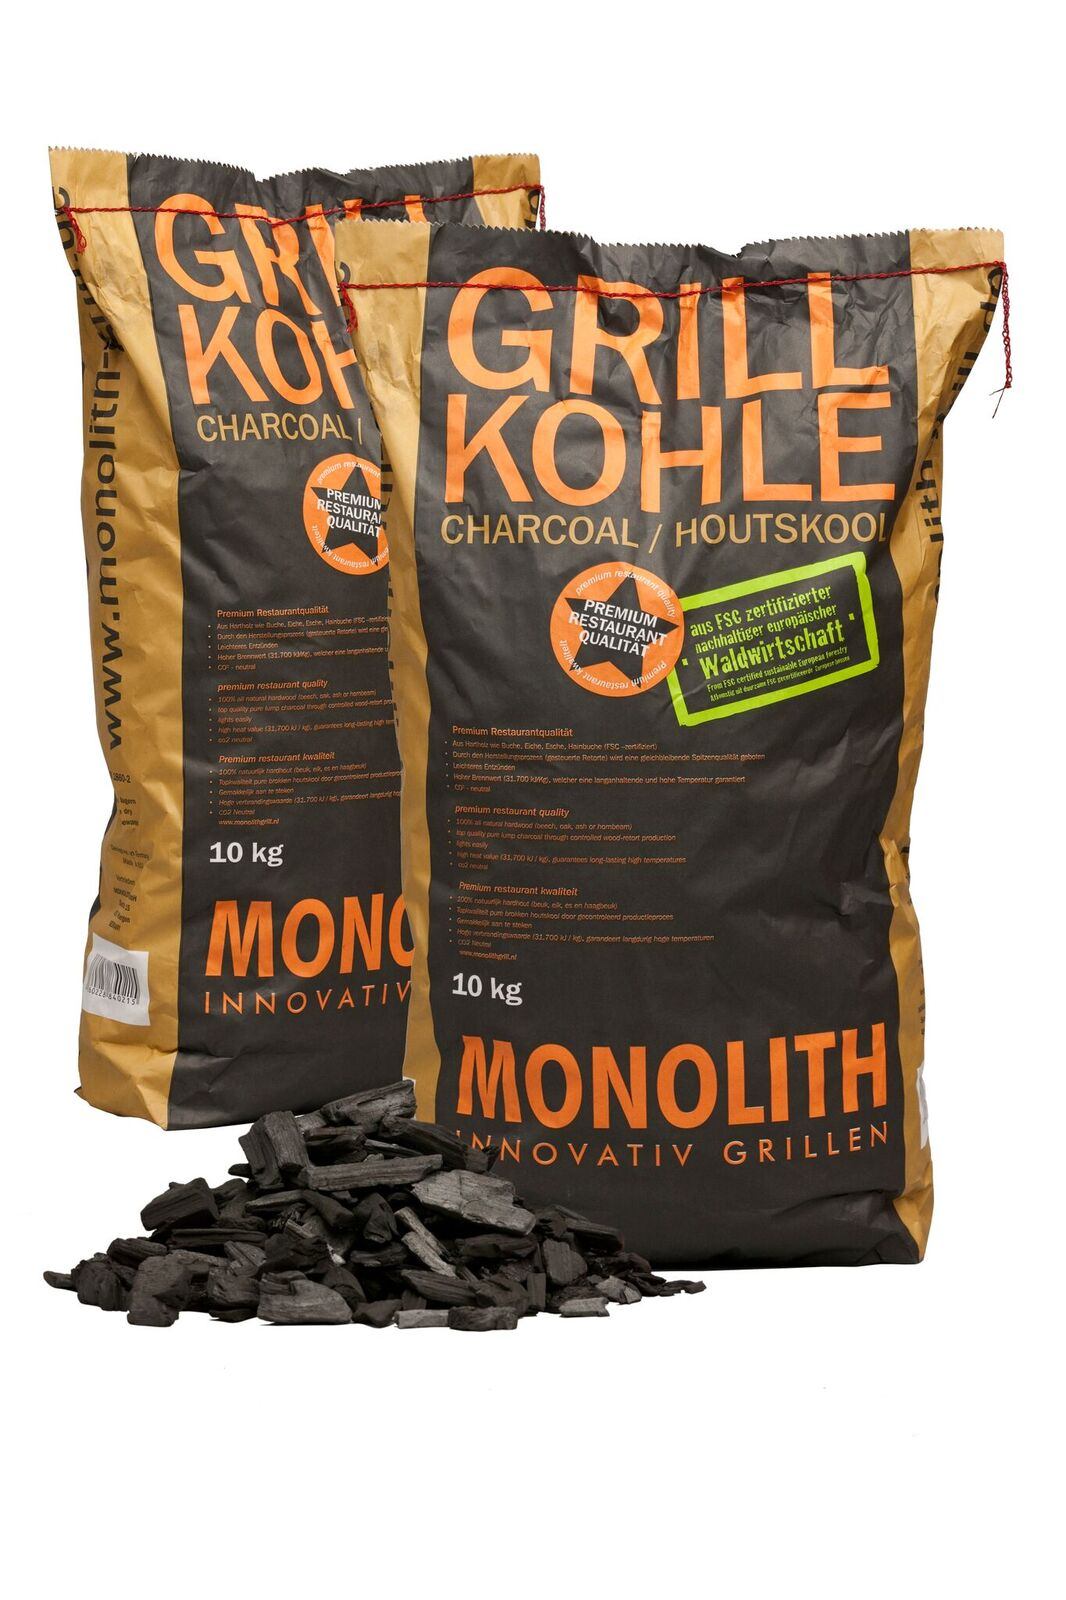 Monolith kamado charcoal